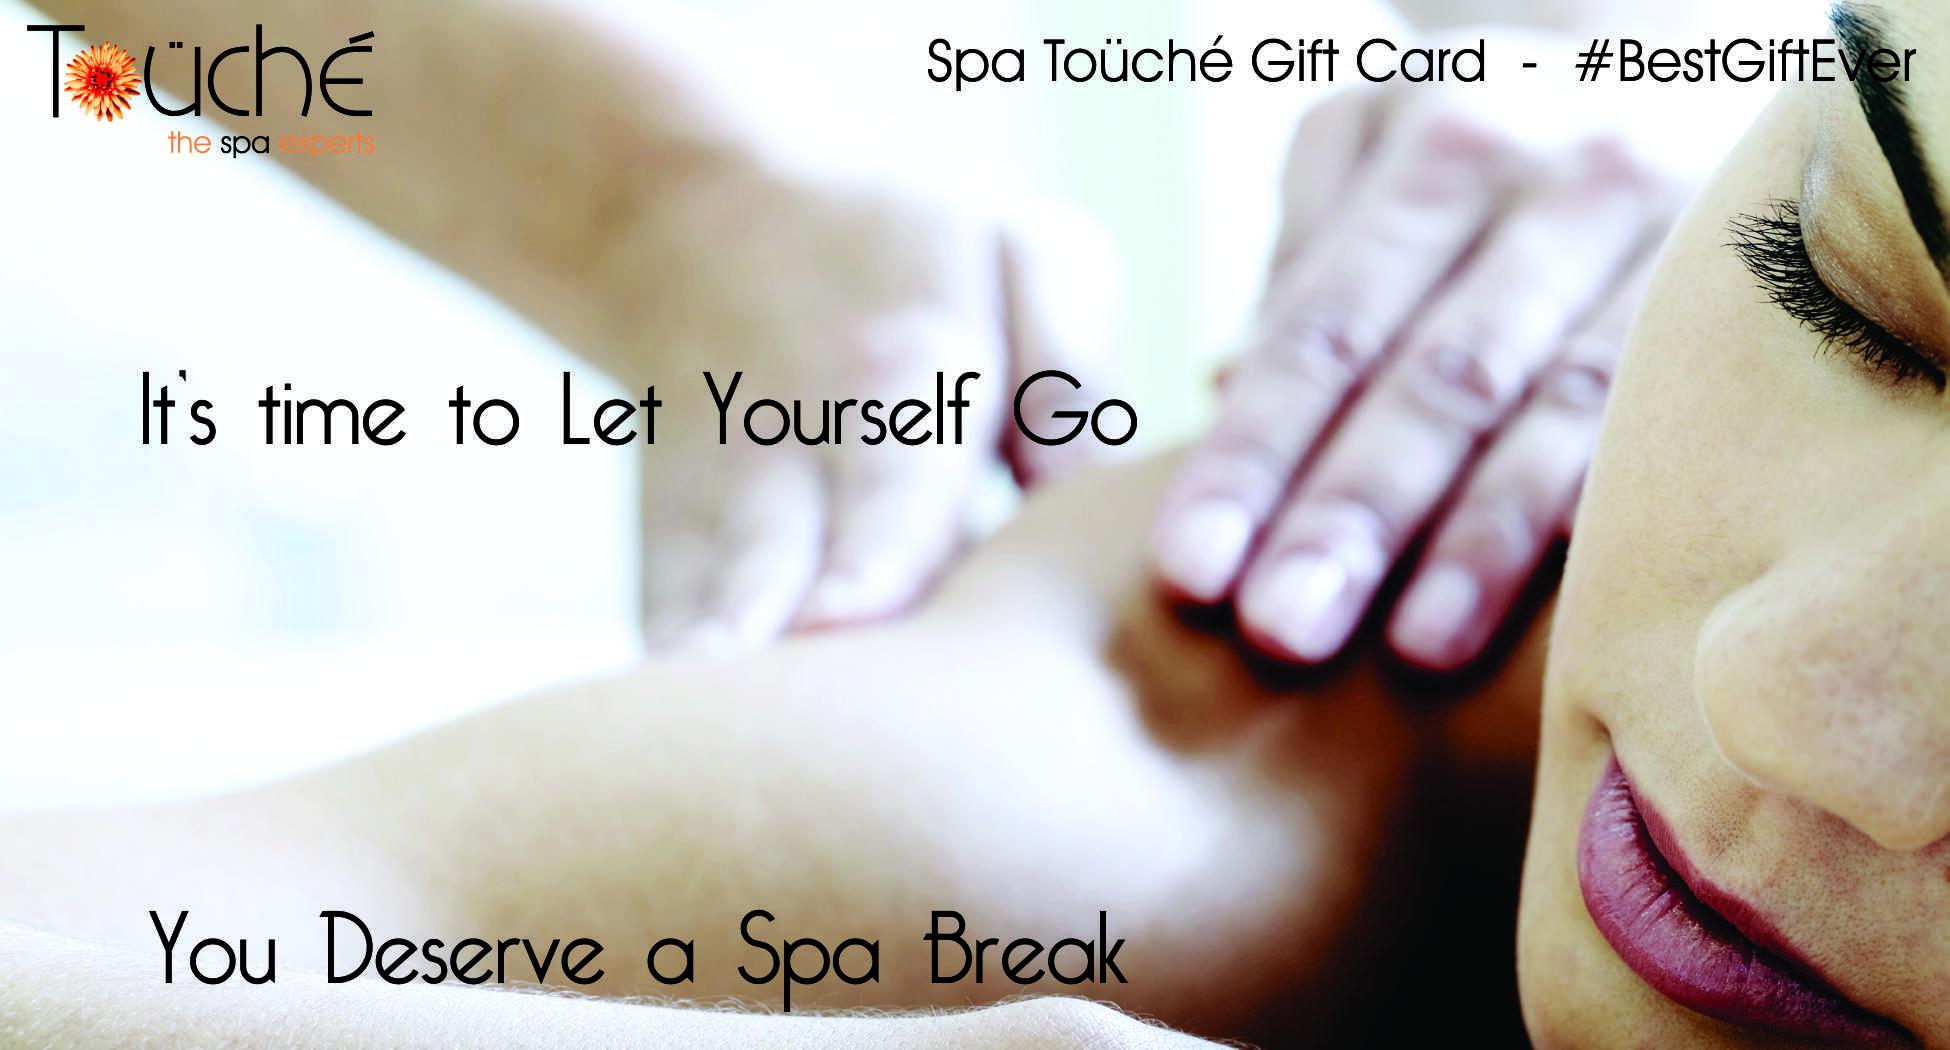 Spa Touche Gift Card13.jpg